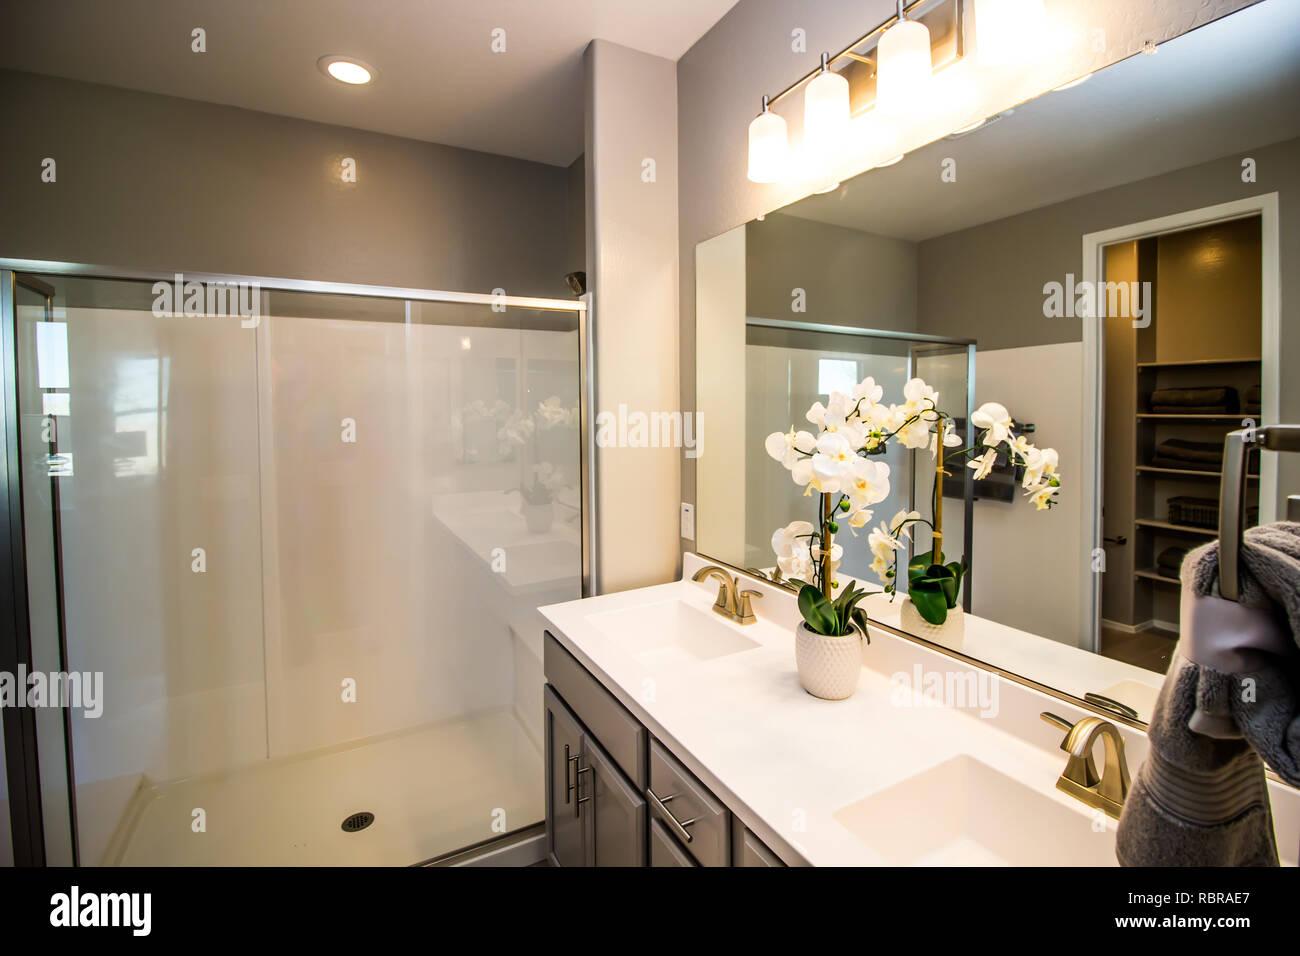 Bagni Moderni Con Doccia : Bagno moderno con doccia e toeletta doppia foto immagine stock